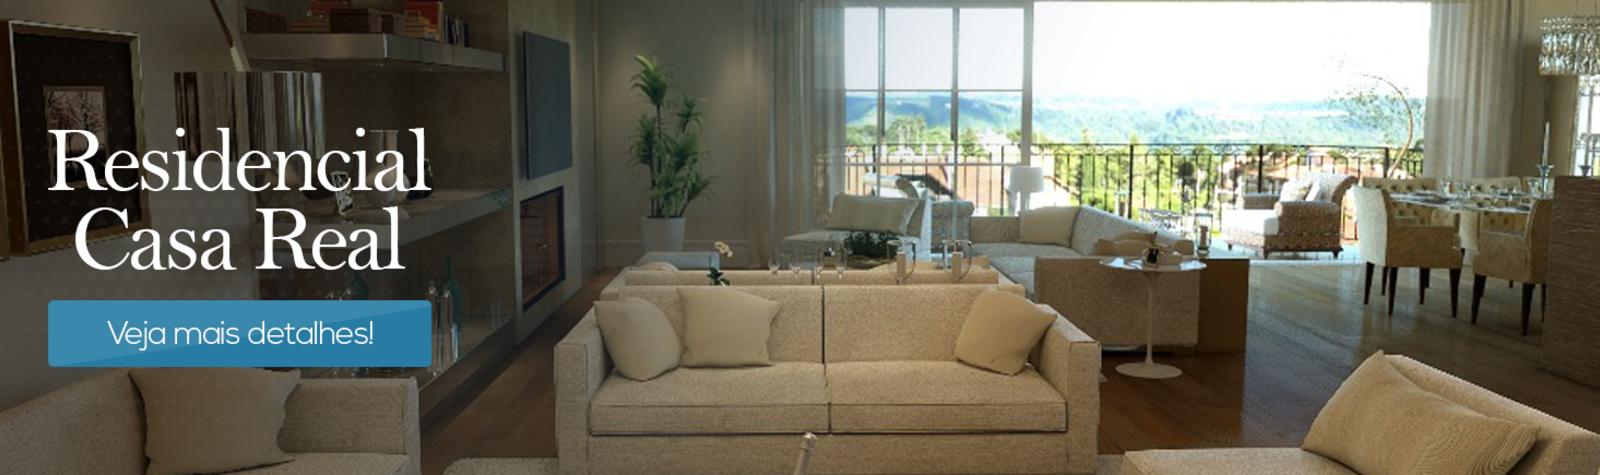 Apartamento com 4 dormitórios em Gramado - Imóvel A401779